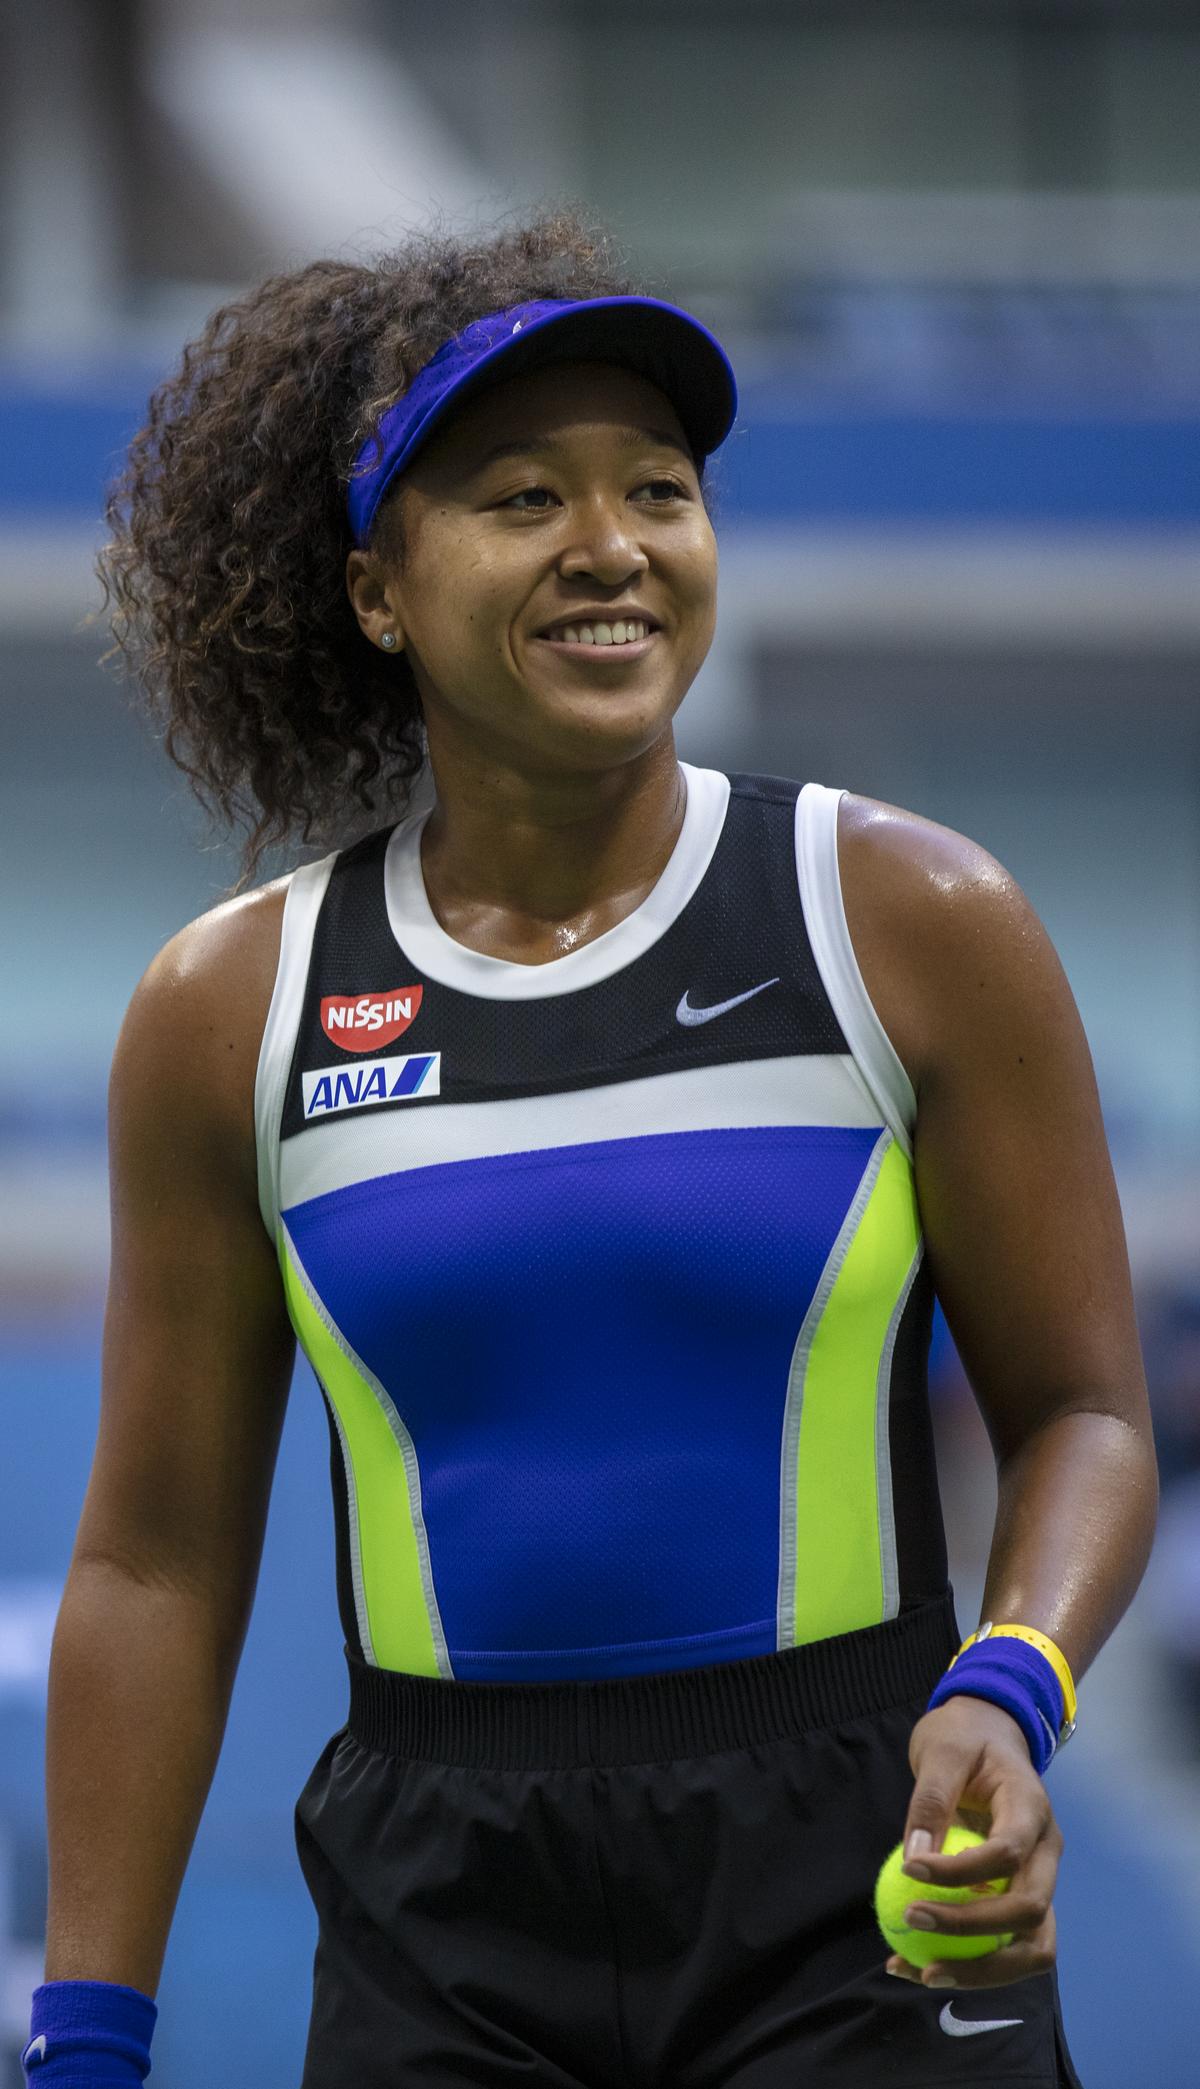 naomi-osaka-tennis-player